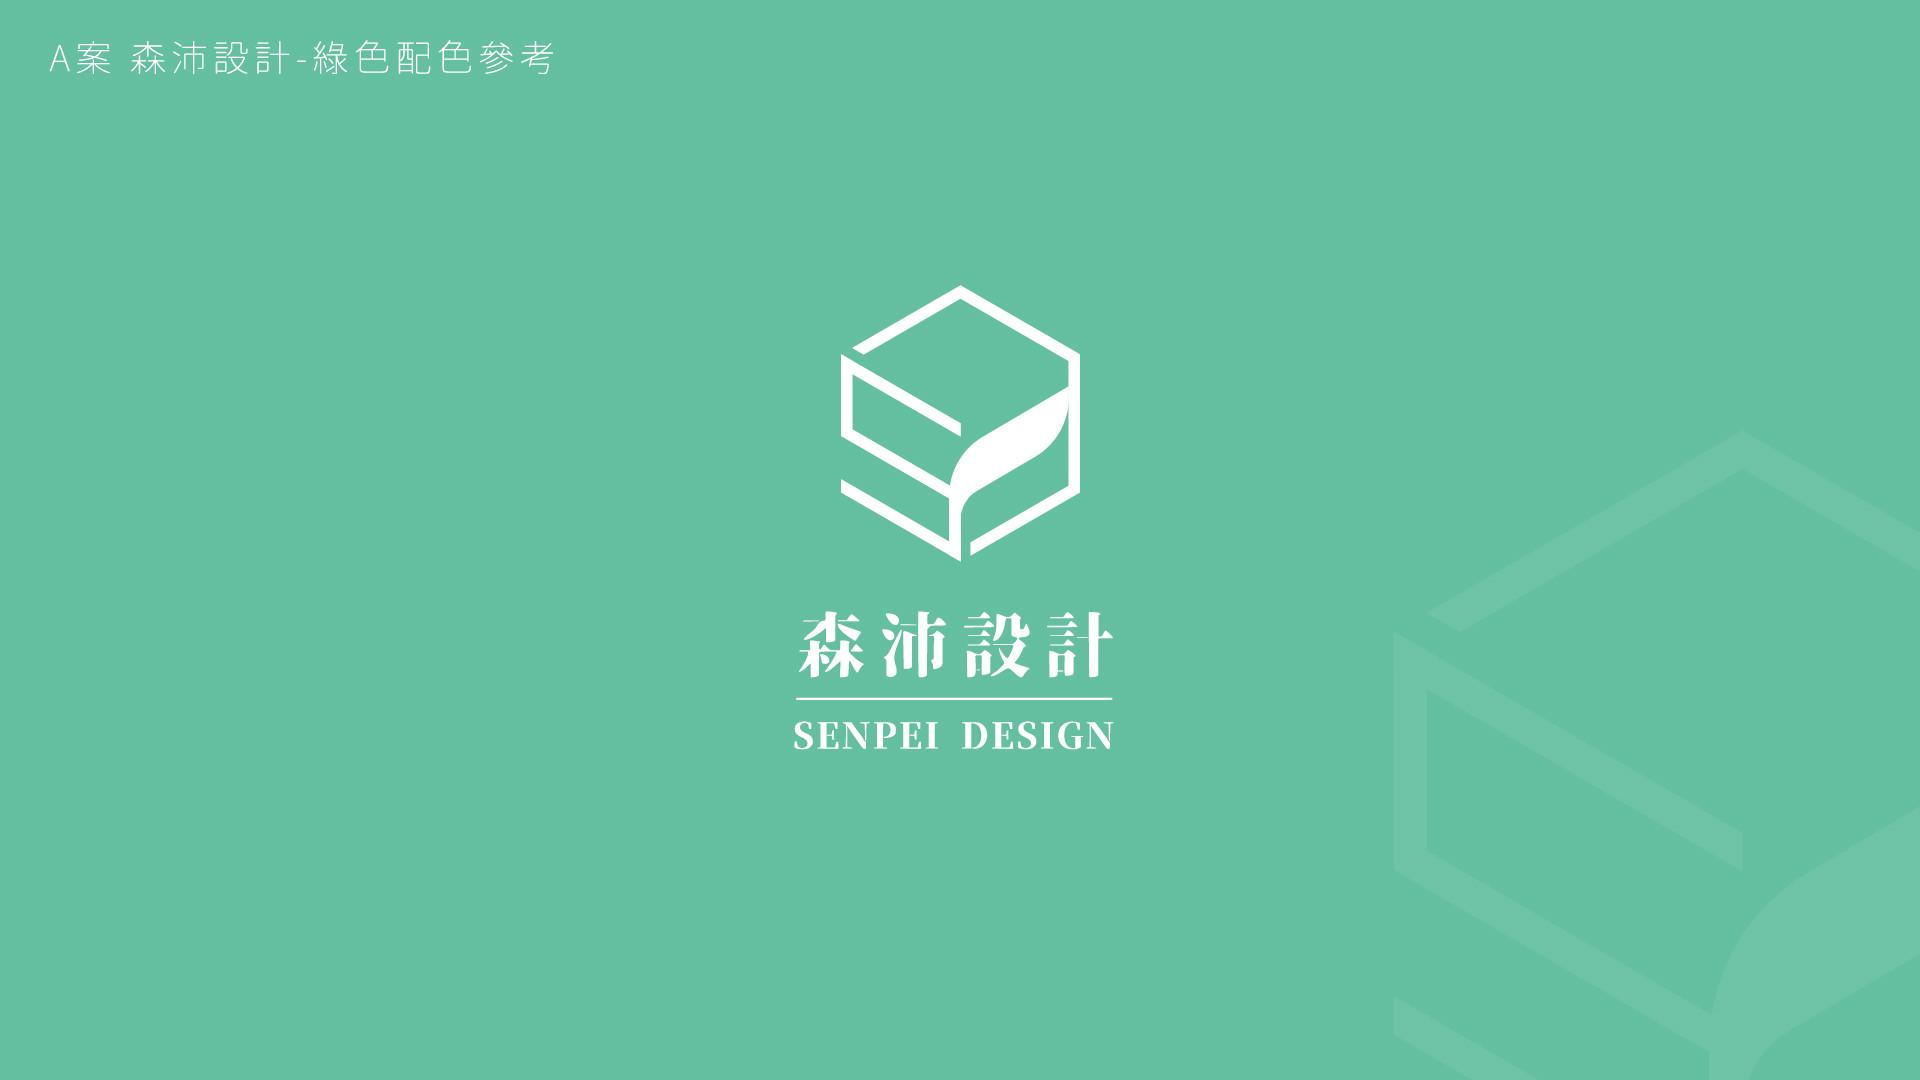 森沛室內設計-商標設計-6(O)_工作區域 1 複本 20.jpg